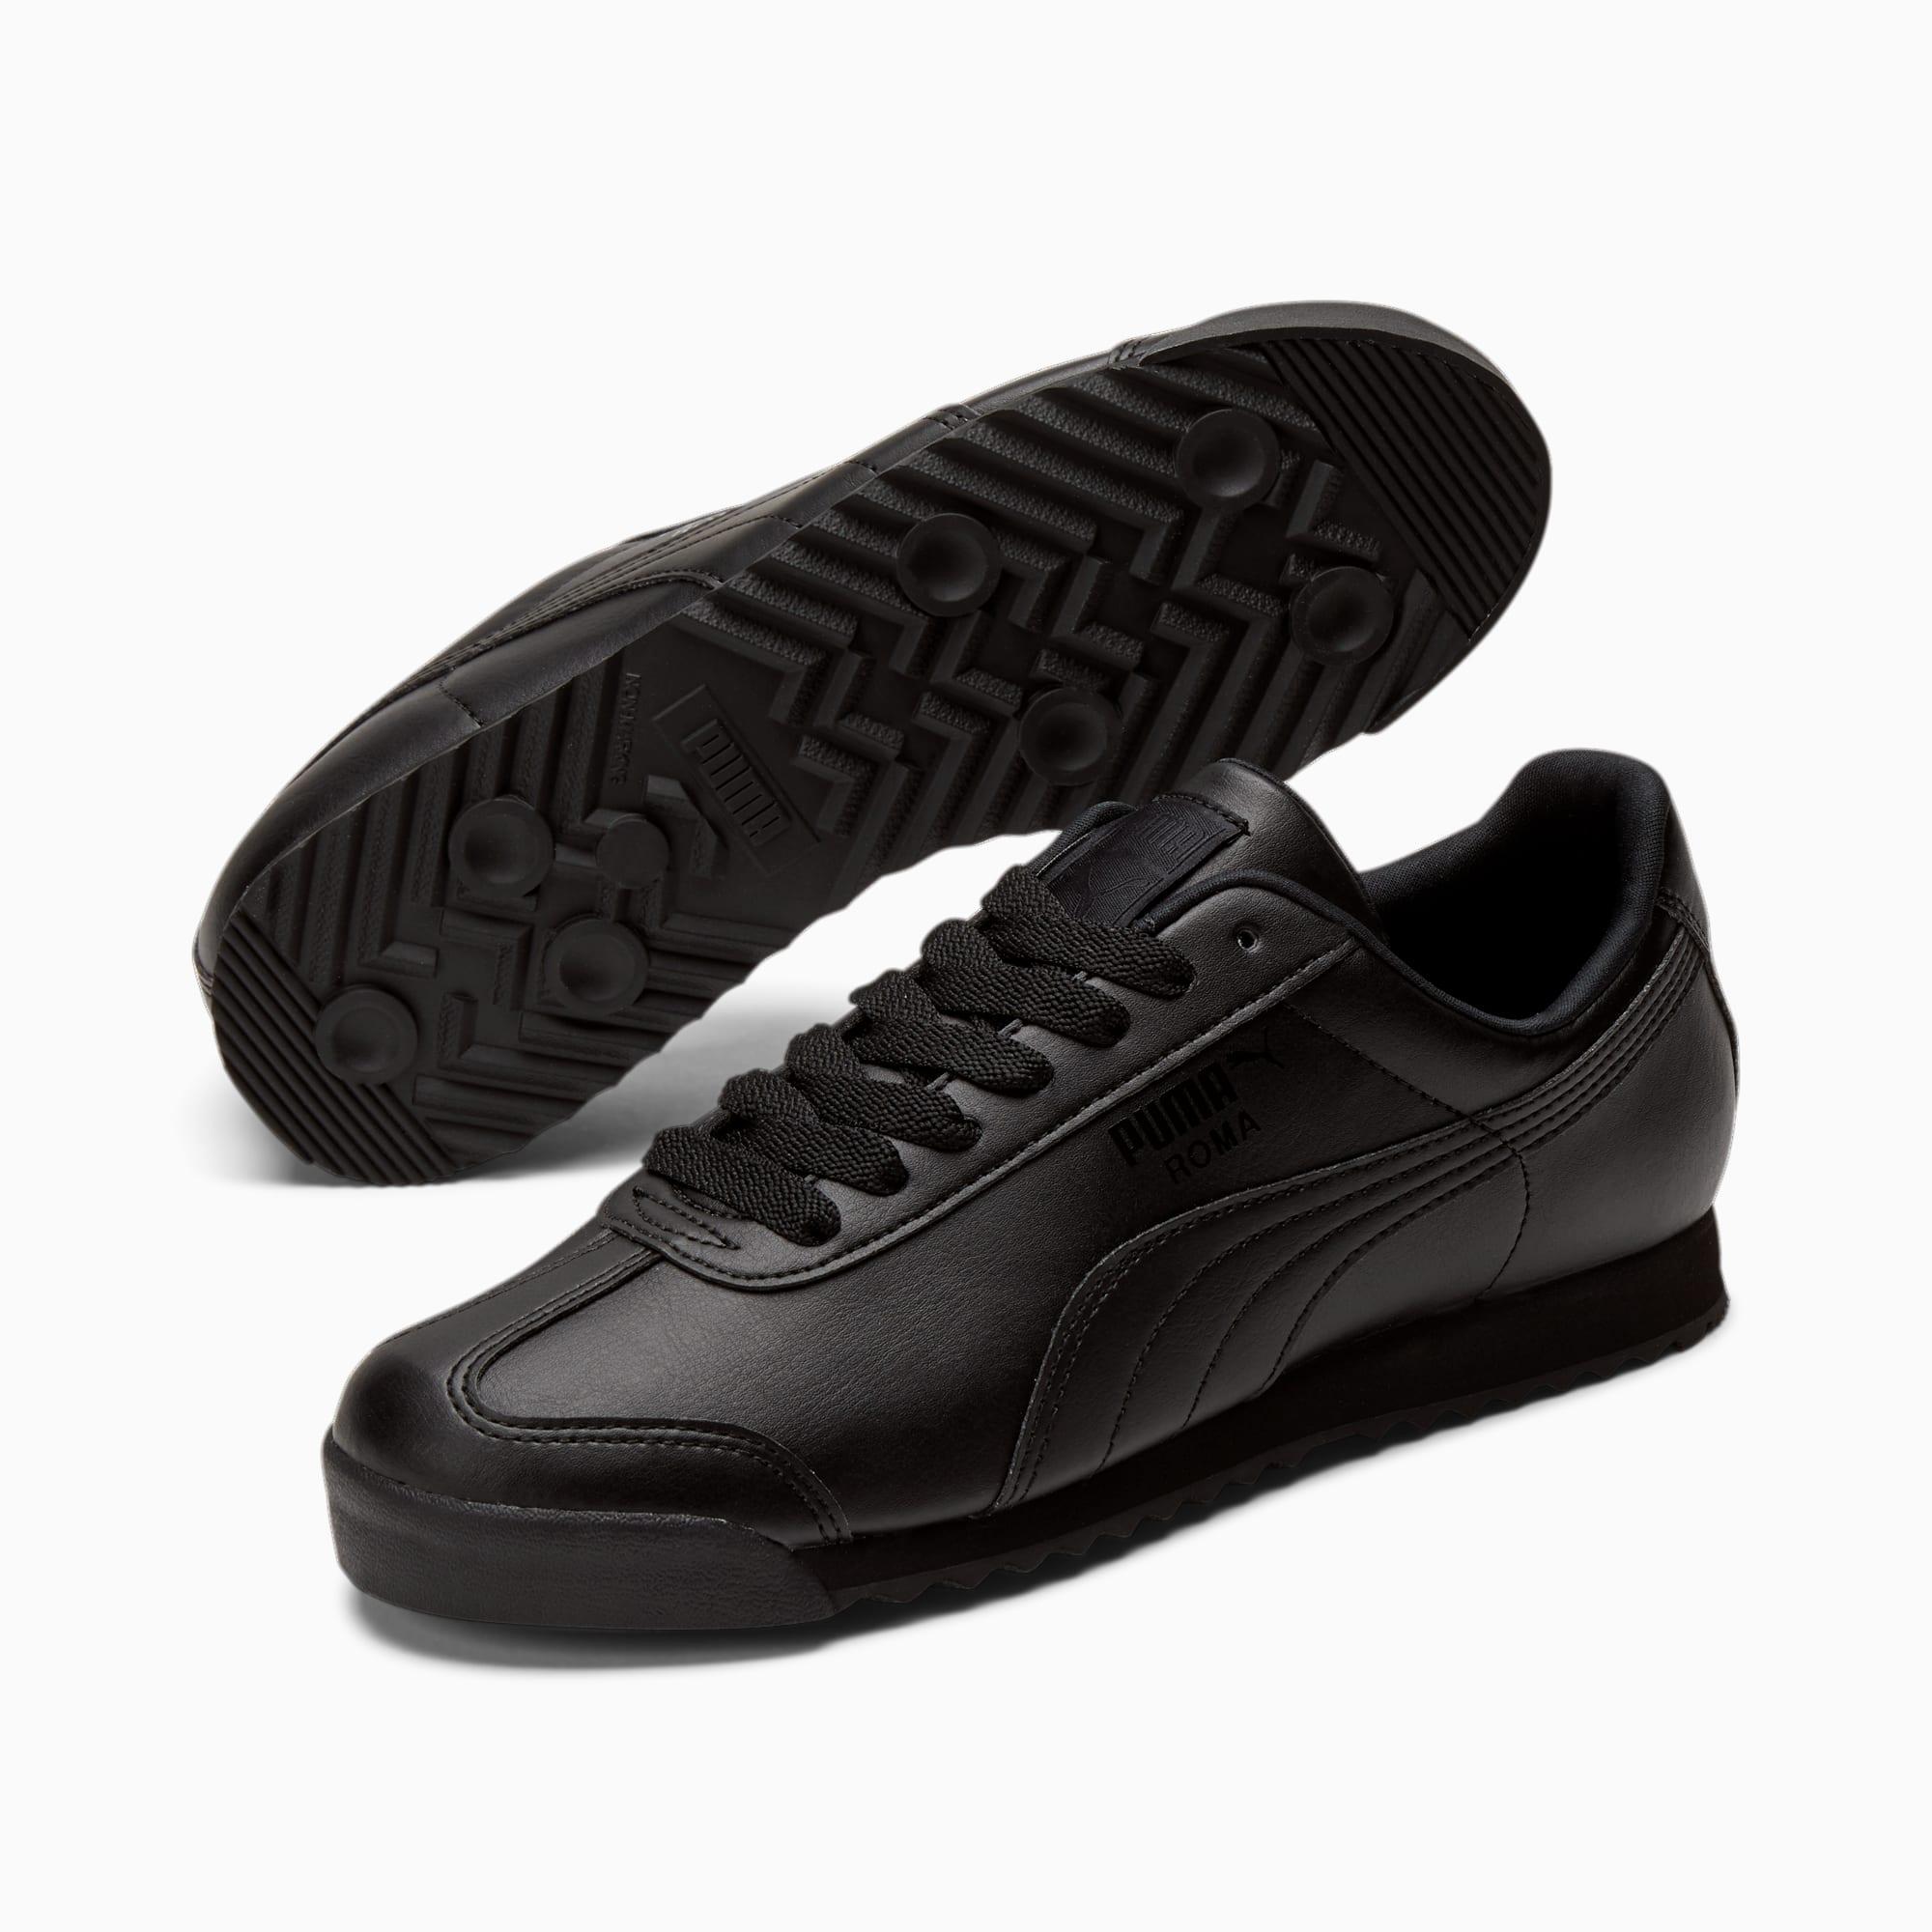 puma roma shoes for men